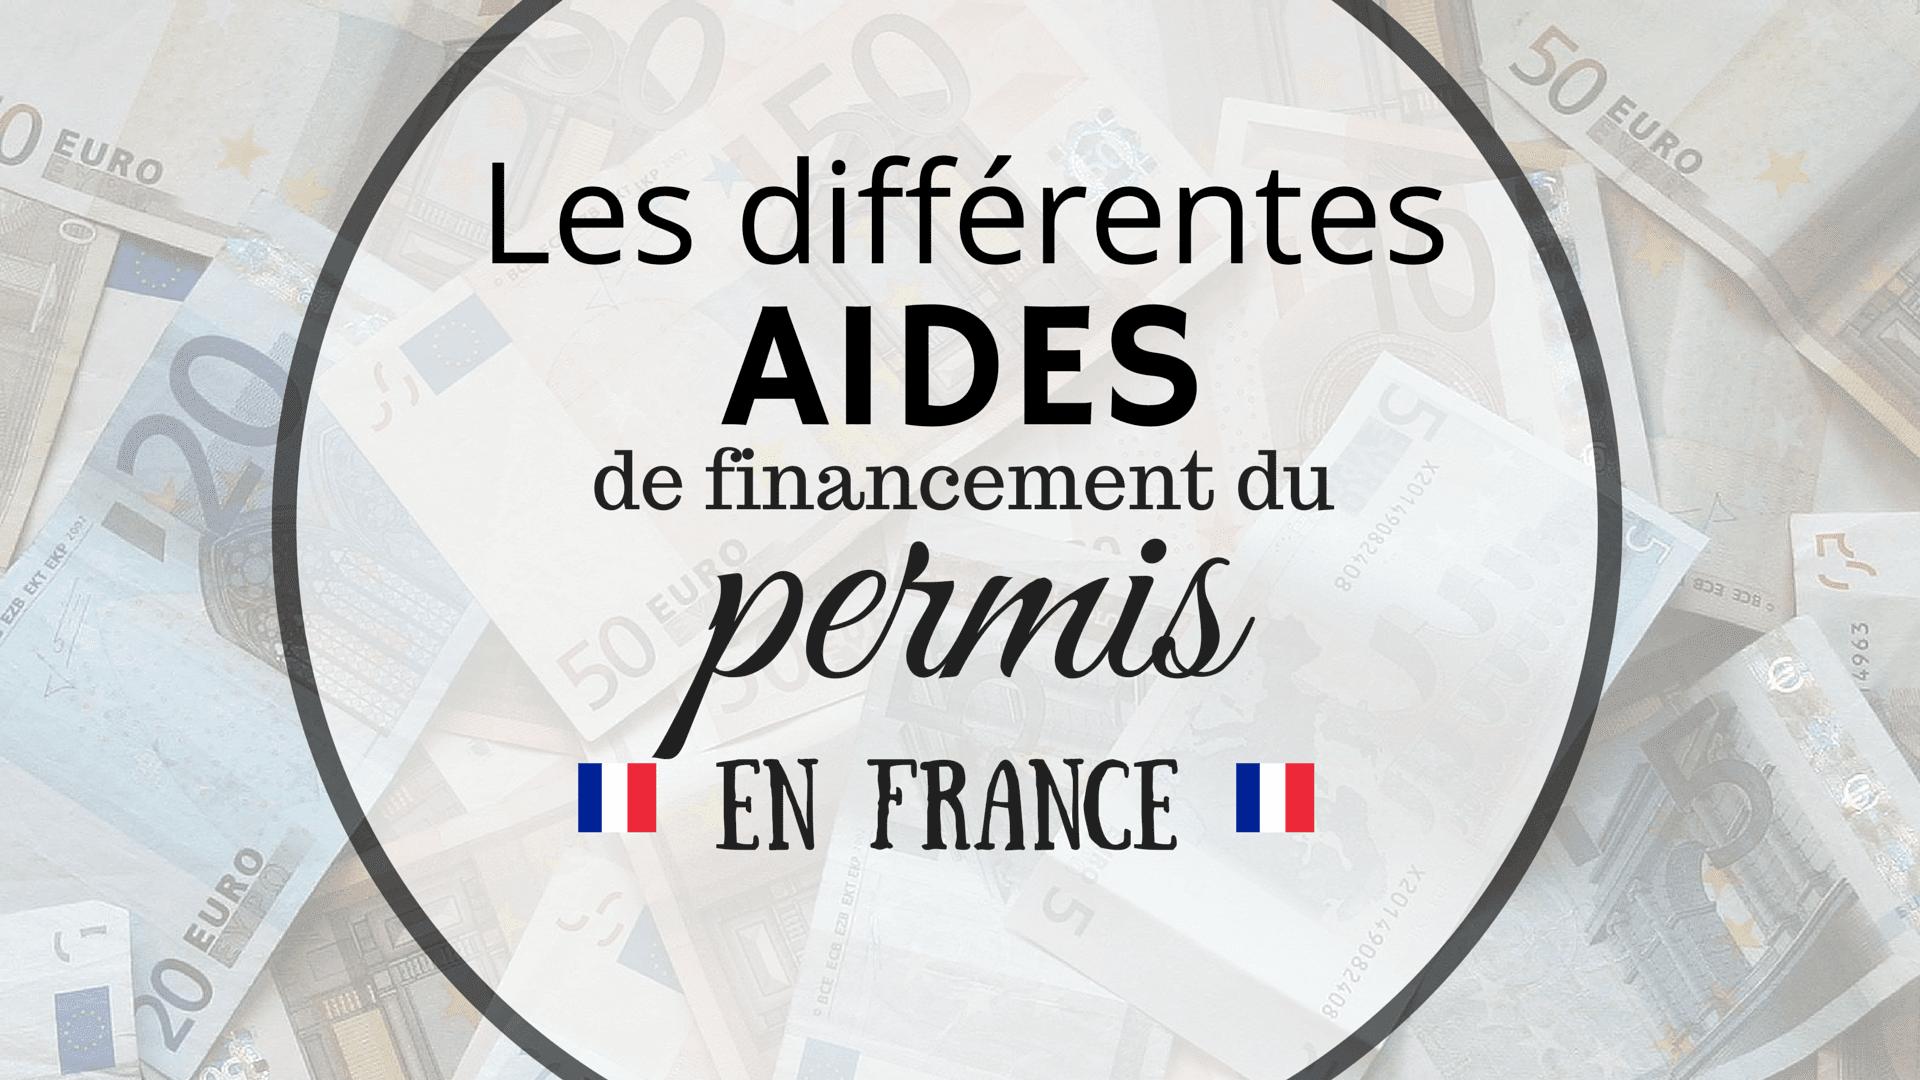 https://www.service-public.fr/particuliers/vosdroits/F13609